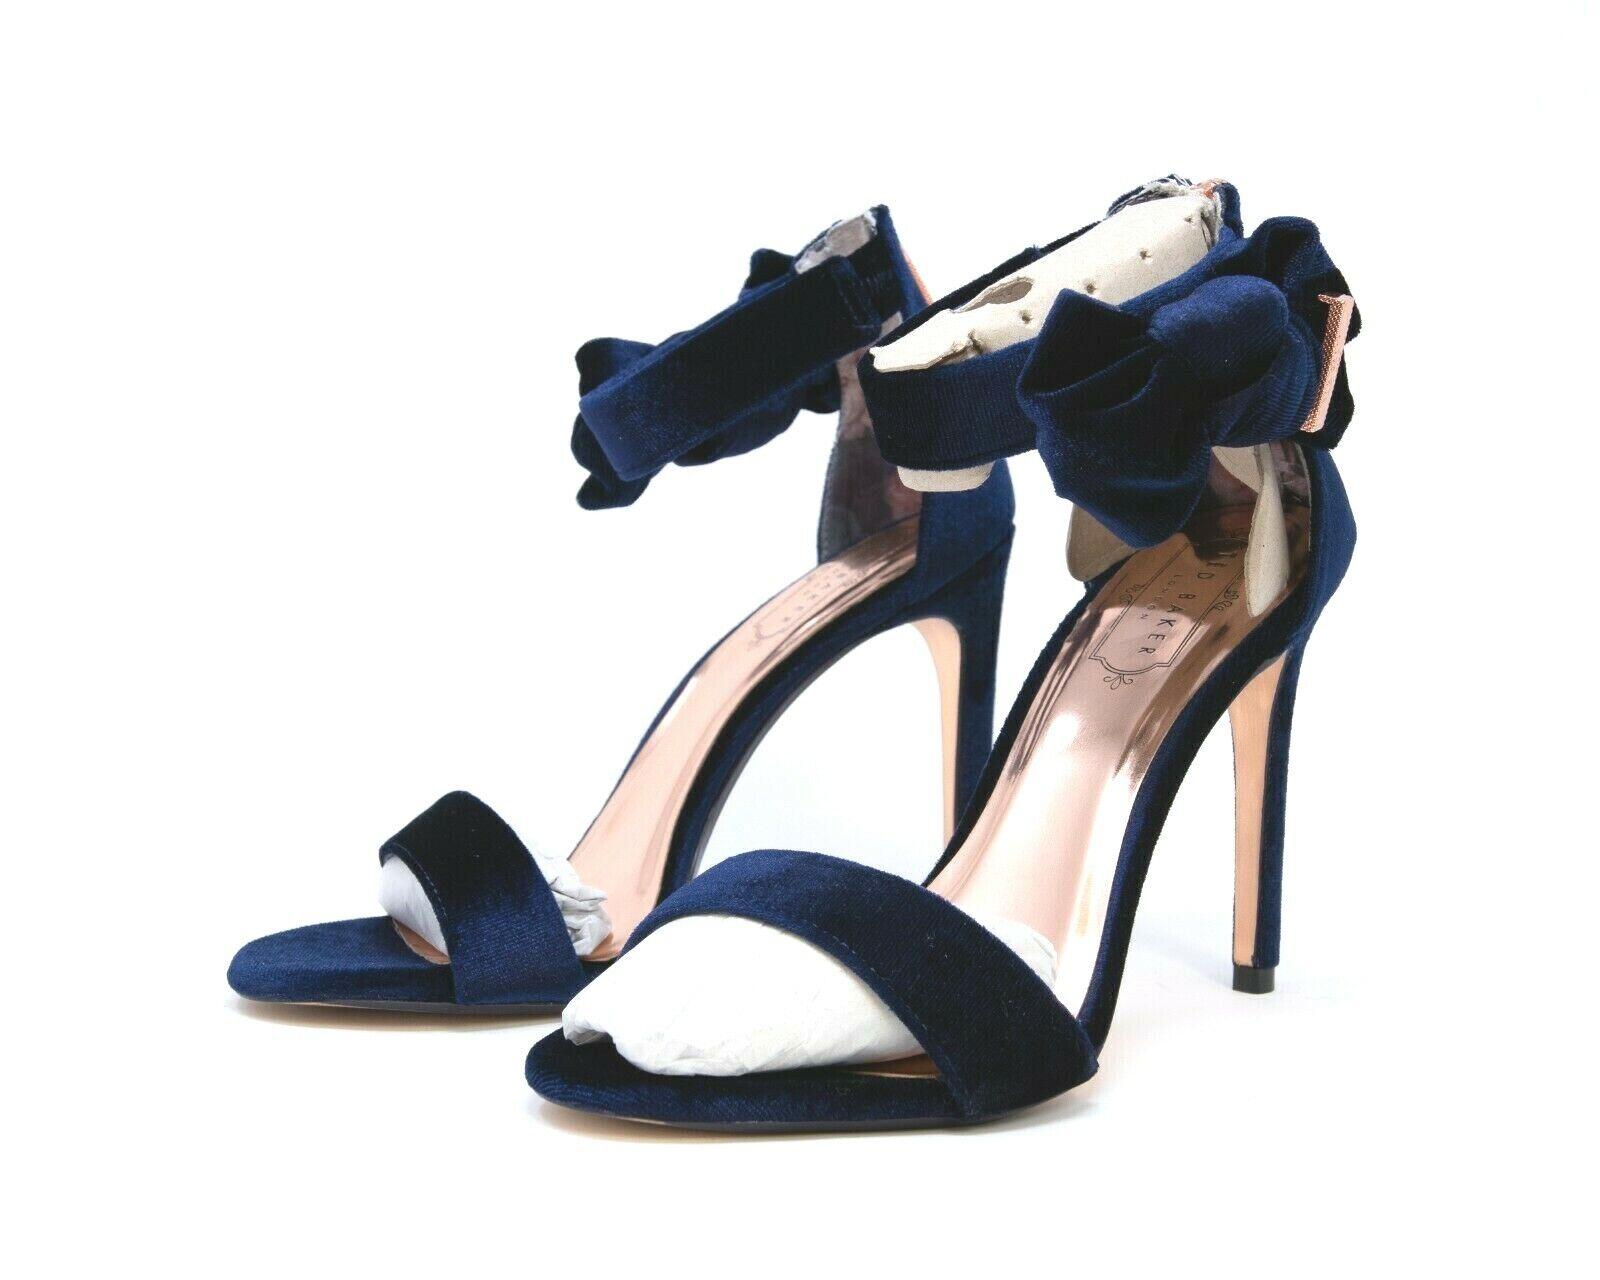 New  198 Ted Baker London London London Women's Heels Velvet Dark bluee Zipper Back Size US 8 65ecb4